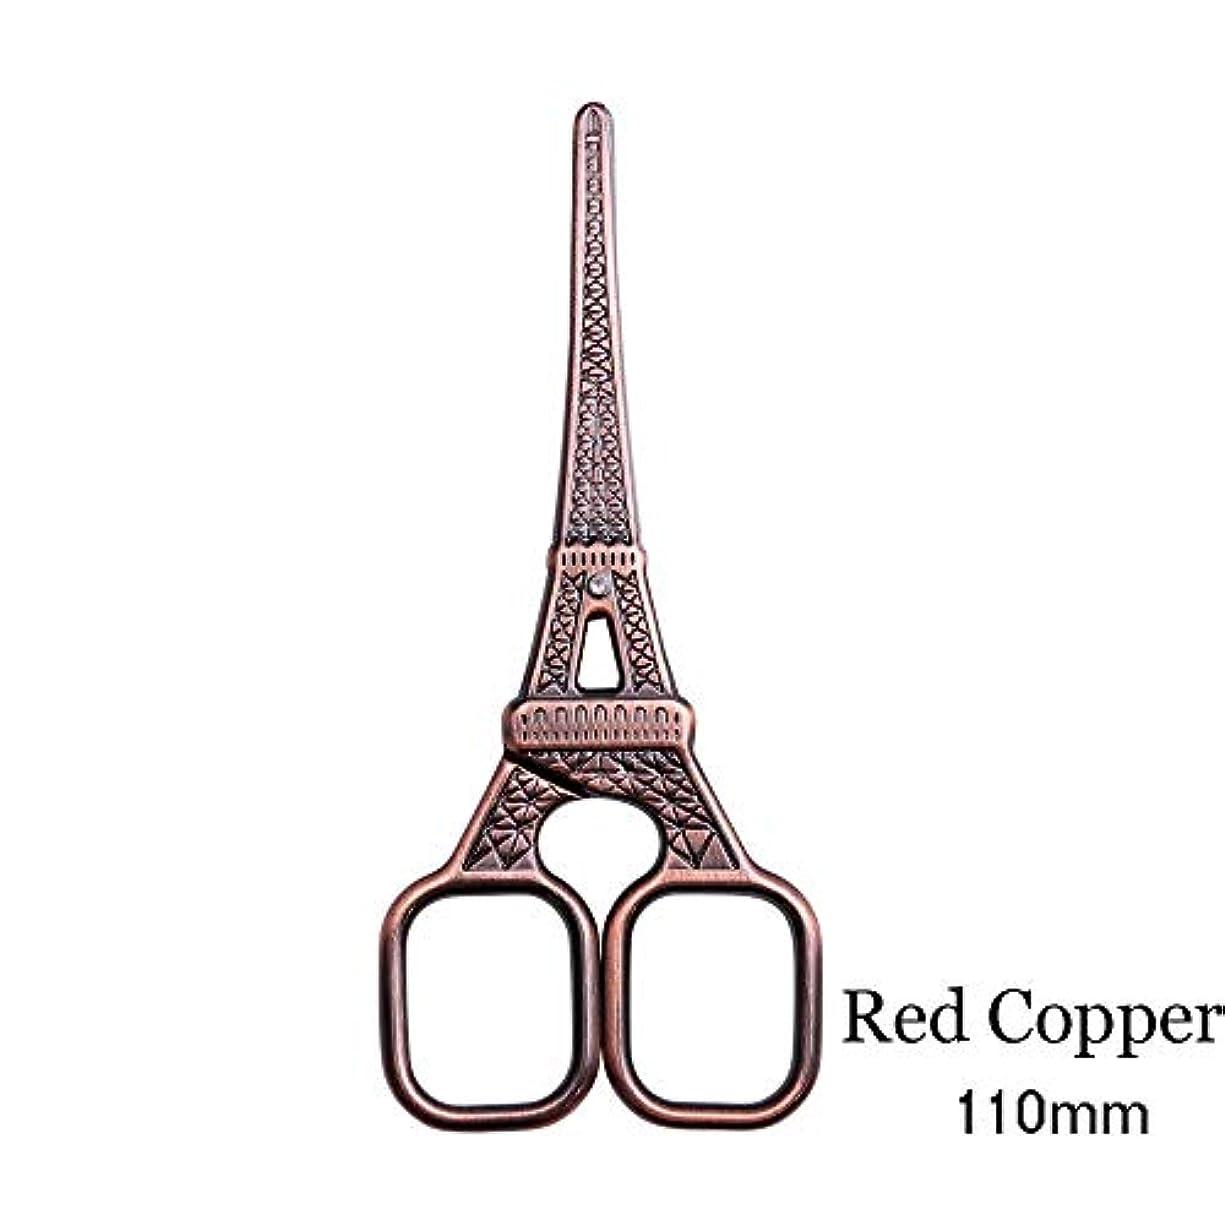 小麦ノベルティインシデント1ピースキューティクルカッターミニネイルはさみステンレス鋼ネイルニッパーカメレオンはさみプロのマニキュアメイクアップツールSAA37レッドコッパー